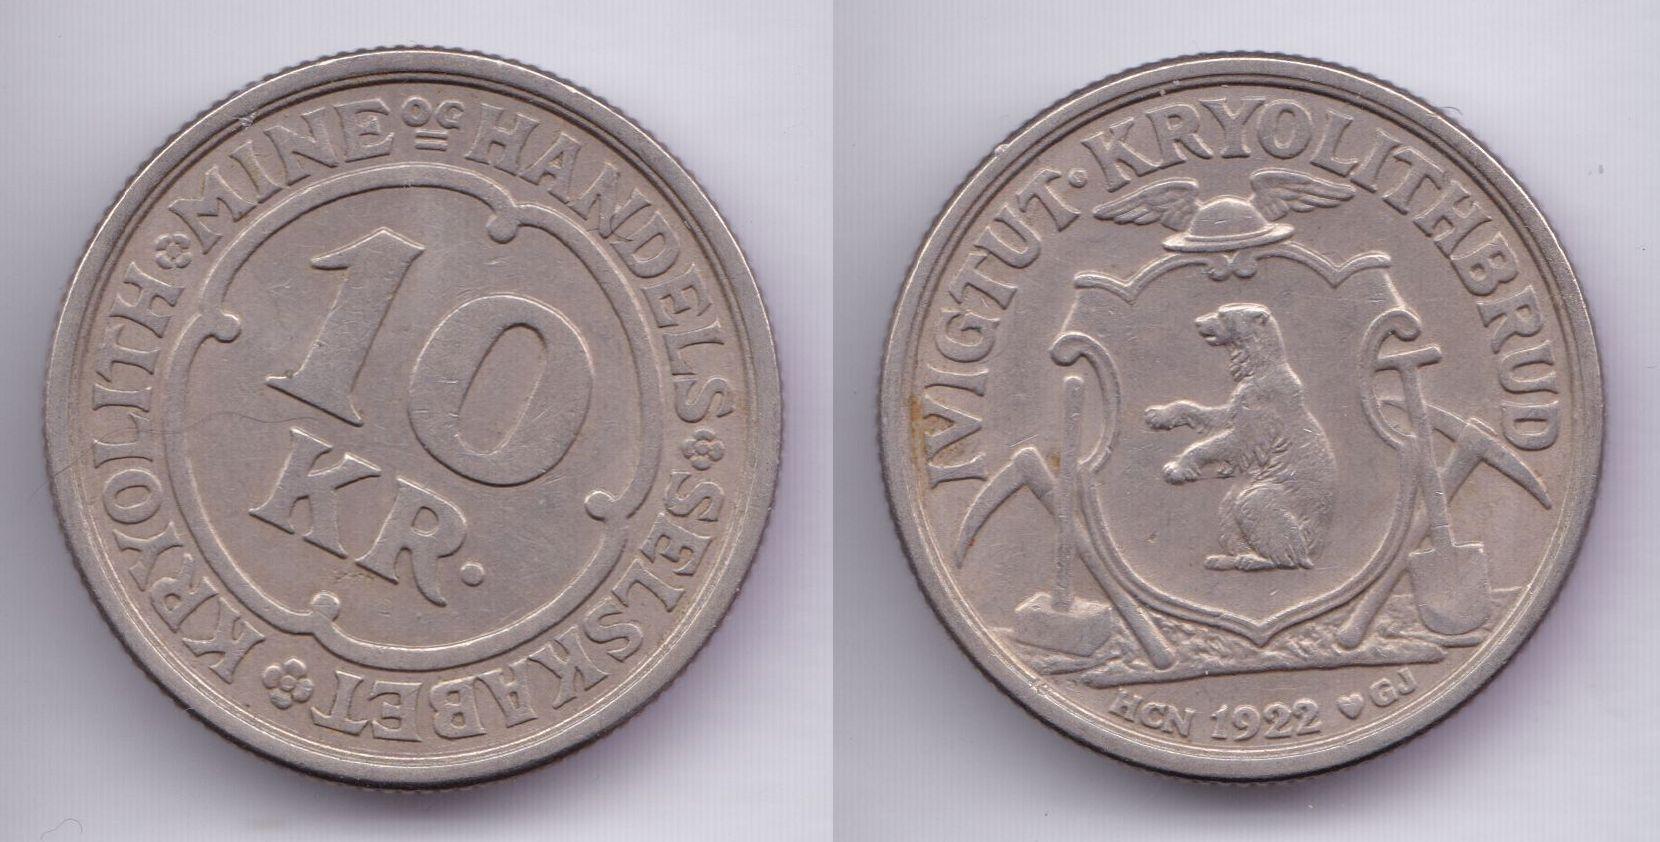 1922 10 Kroner Ivigtut.jpg